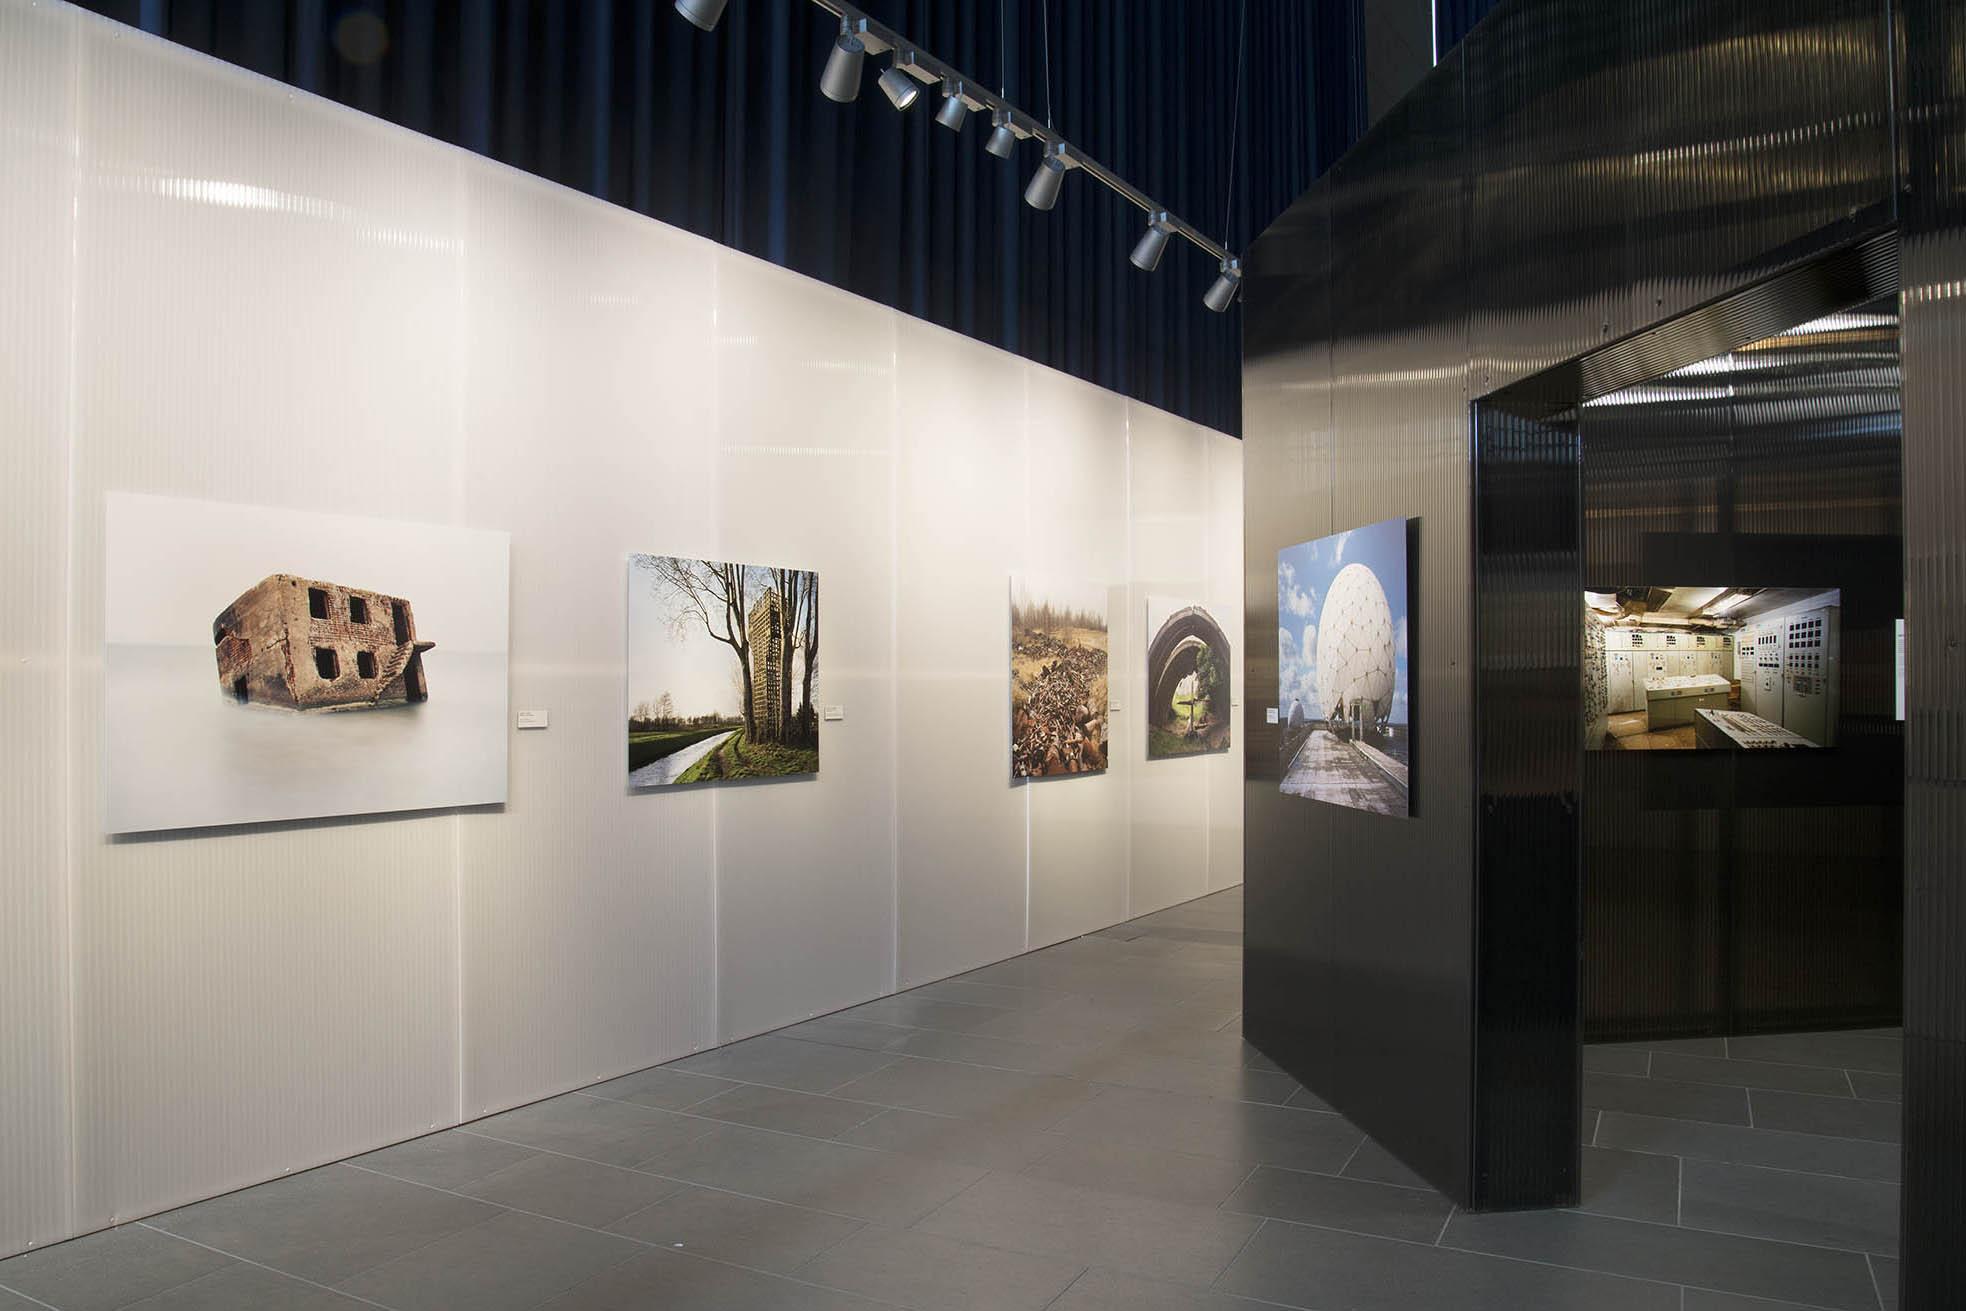 Haus der Geschichte, Bonn, Germany, 2018